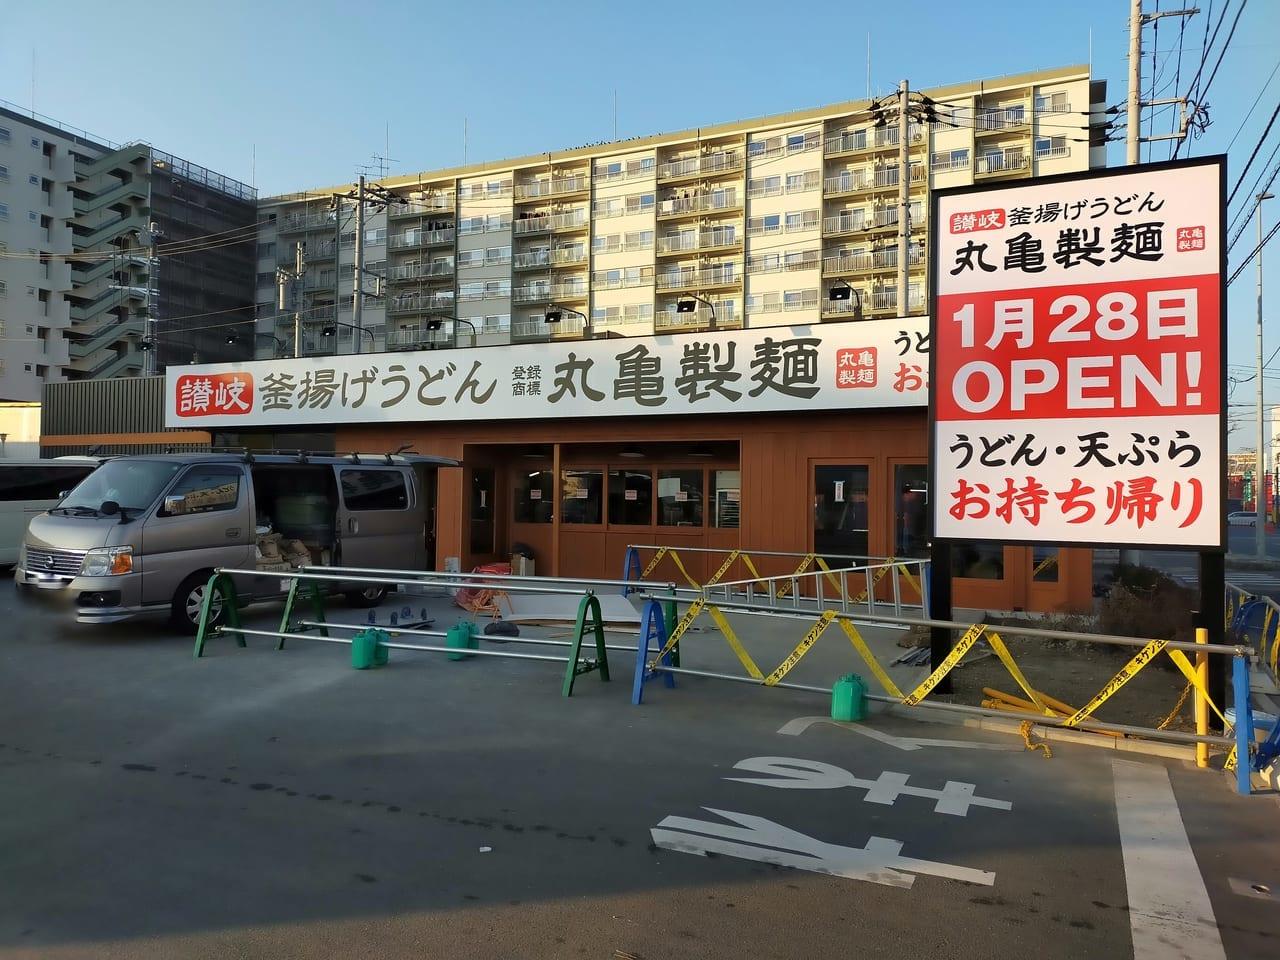 国道129号線に「丸亀製麺」が2021年1月28日(木)にオープンします!